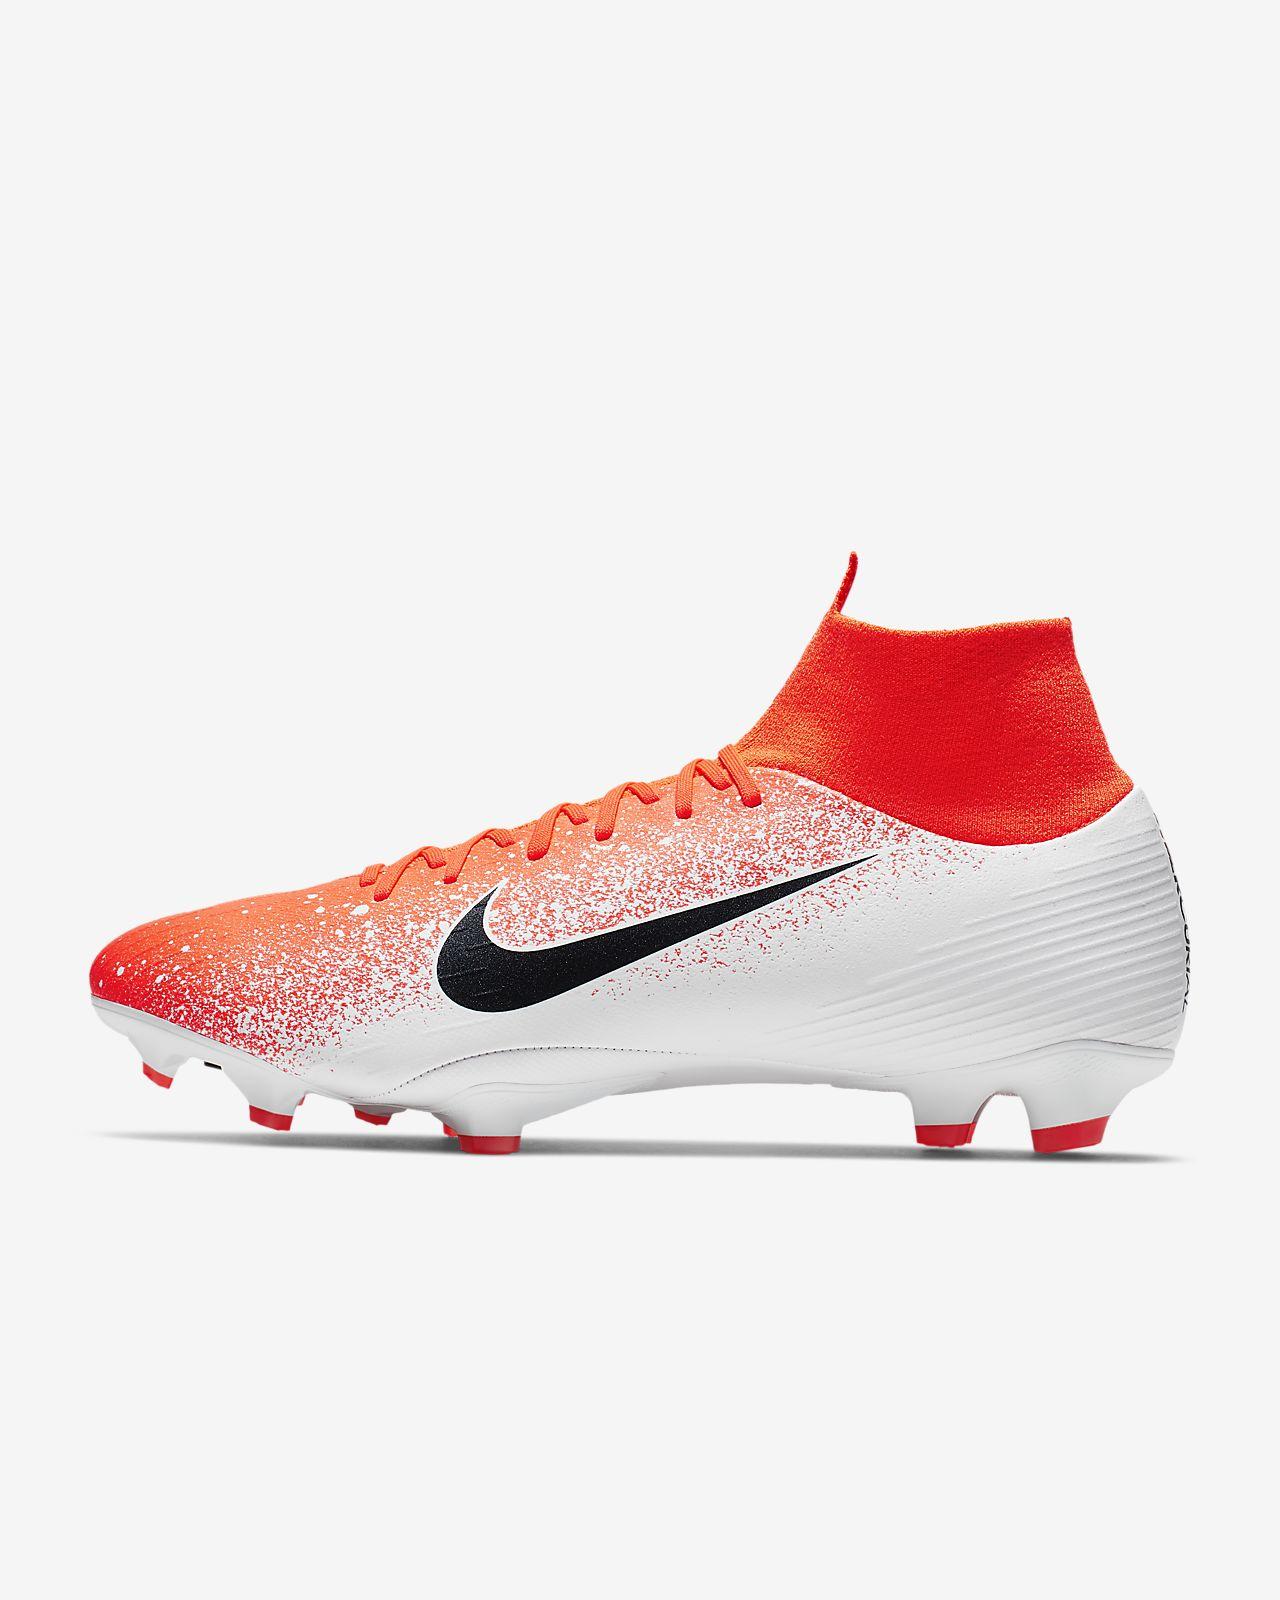 Nike Superfly 6 Pro FG 天然偏硬草地英式足球釘鞋